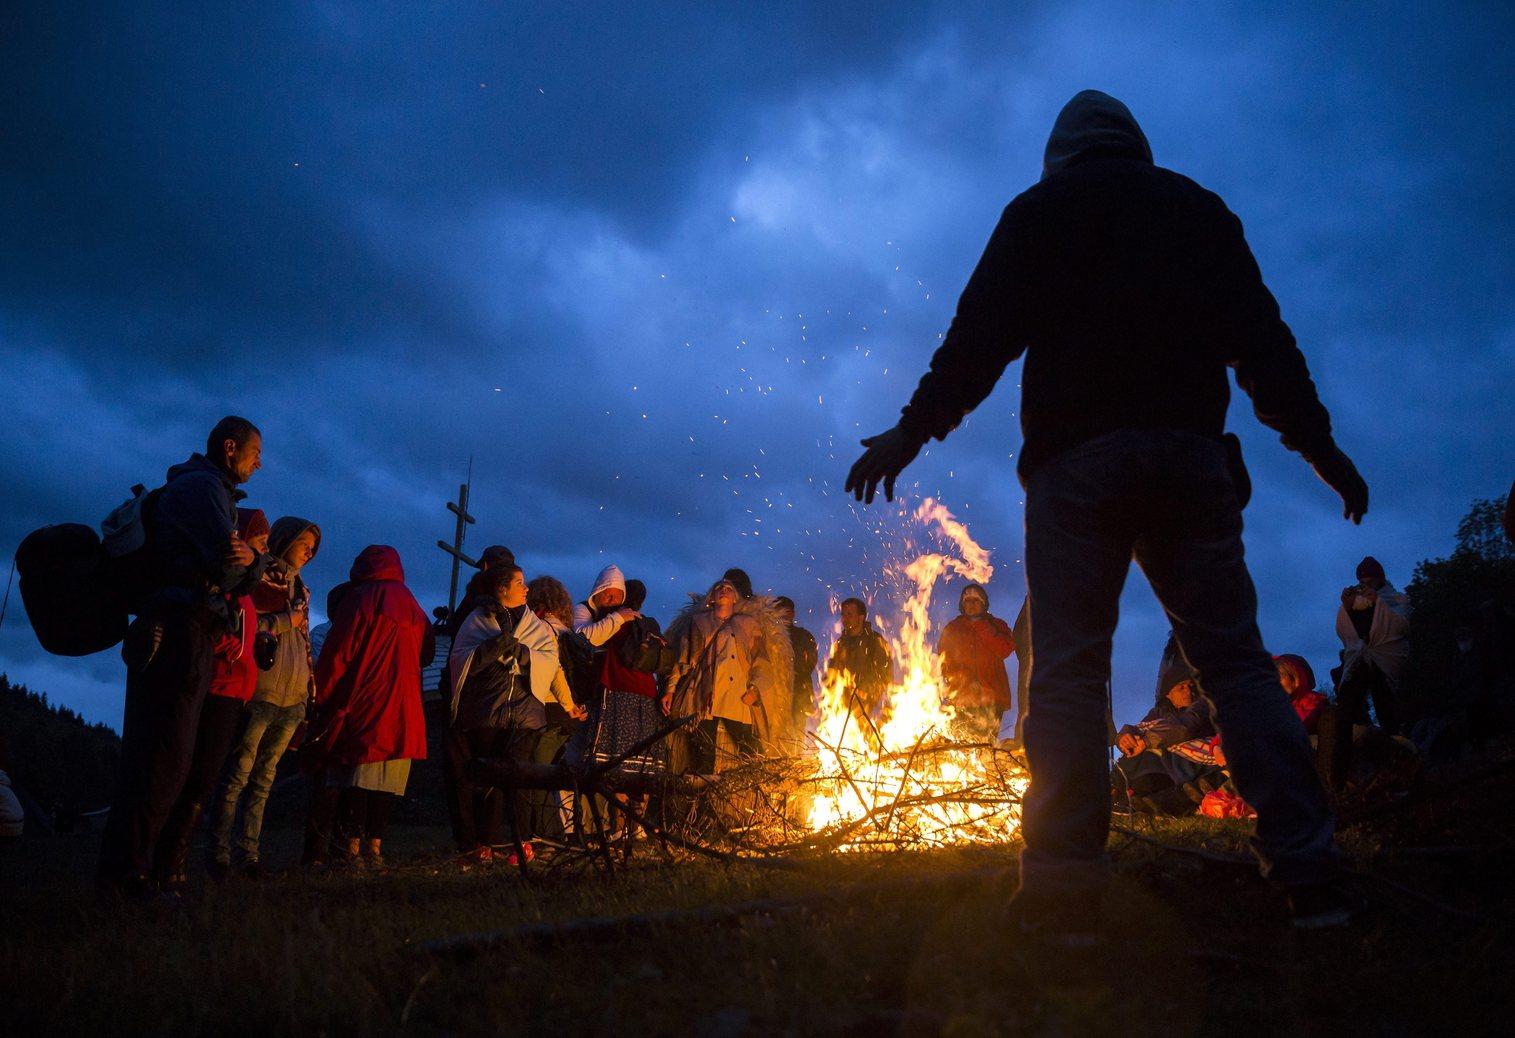 A csíksomlyói búcsú zarándokai tűz mellett virrasztanak a Kis- és Nagysomlyó-hegy közötti nyeregben 2016. május 15-én (MTI Fotó: Mohai Balázs)